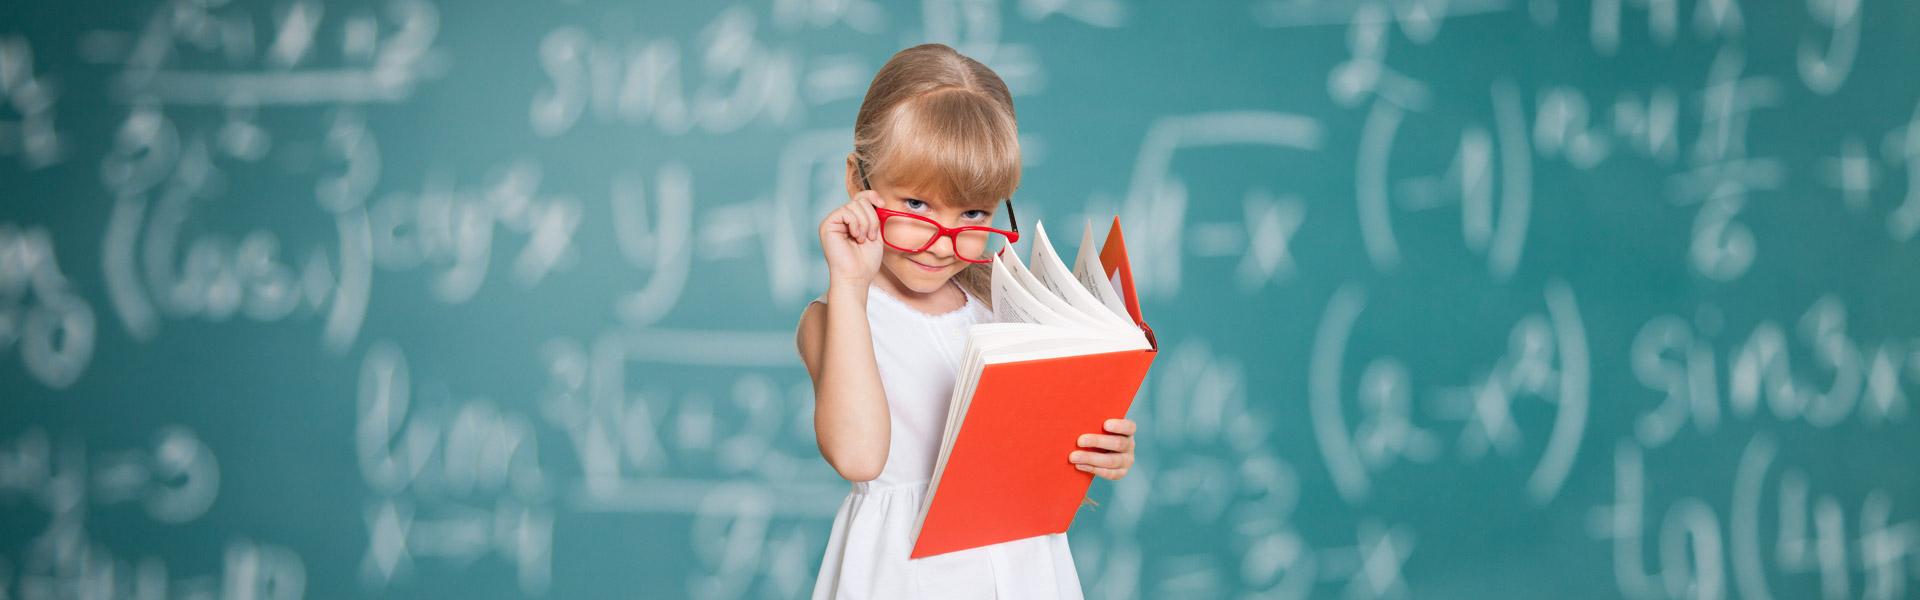 Szkolna polisa dla dziecka: jak nie dać się złapać w pułapkę?